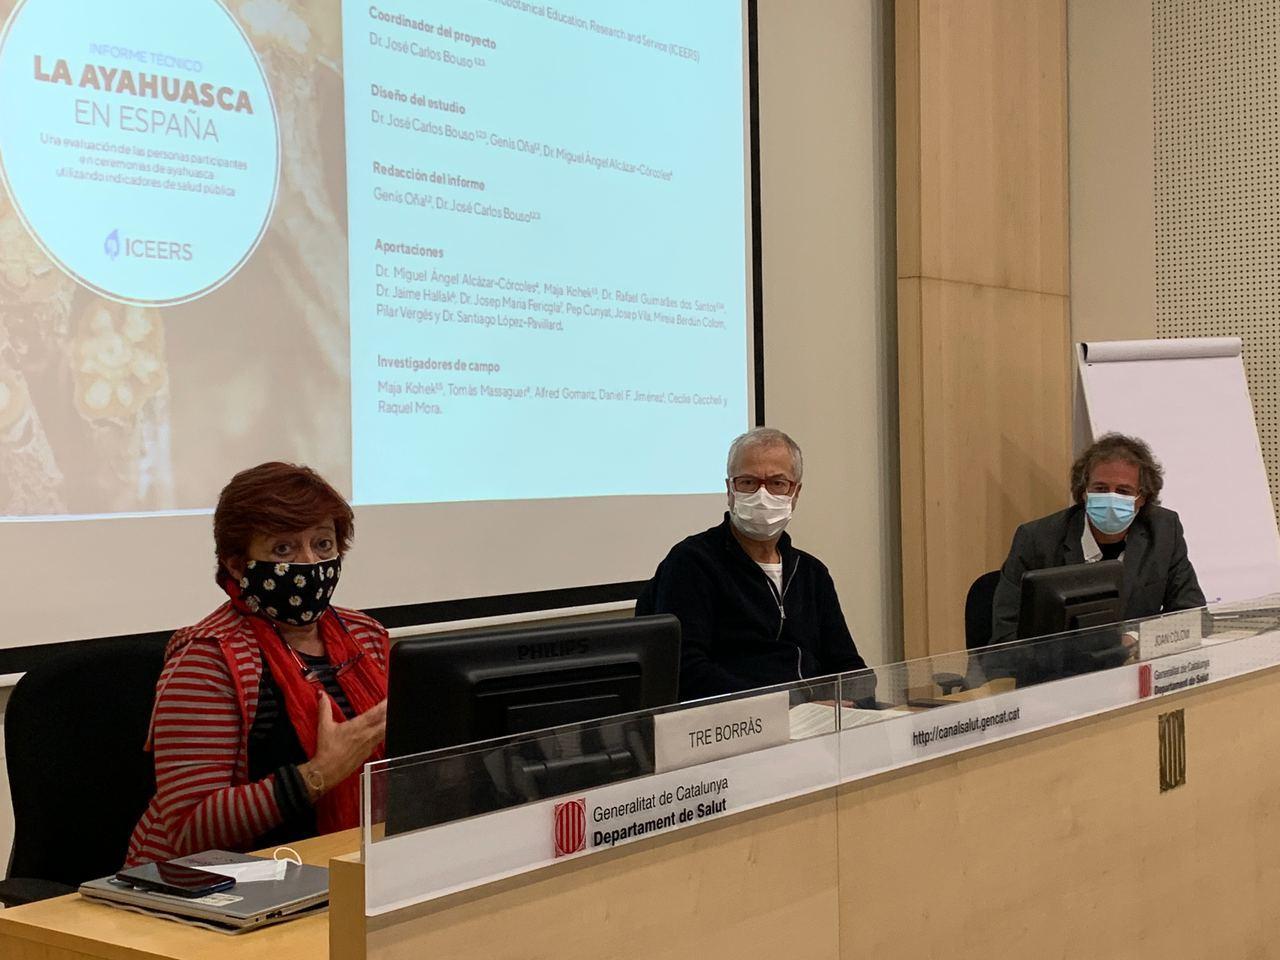 Presentación Barcelona informe ayahuasca